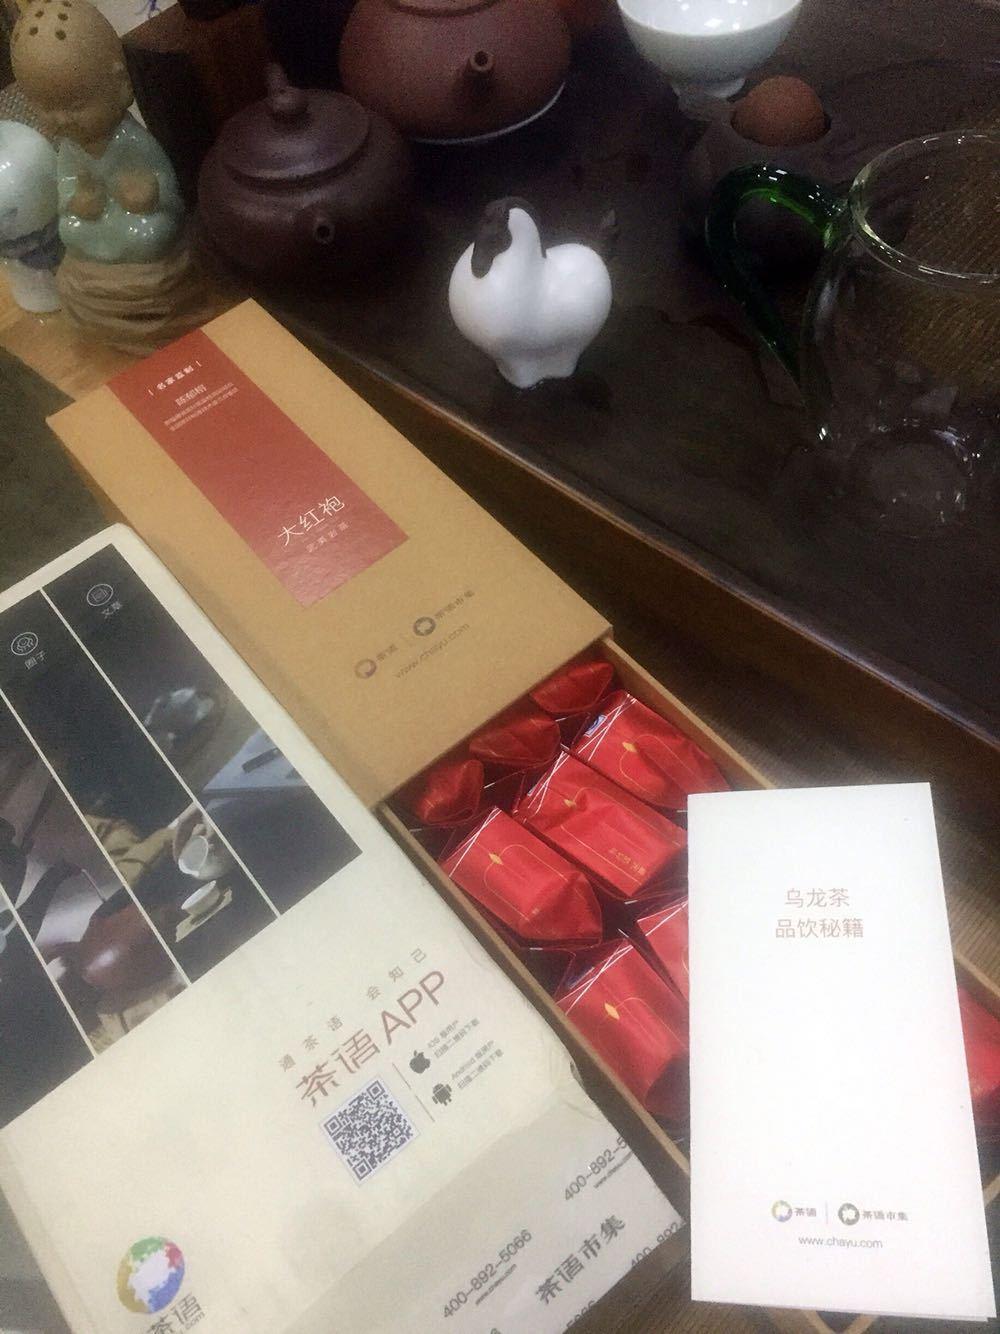 【试用报告】陈郁榕监制大红袍